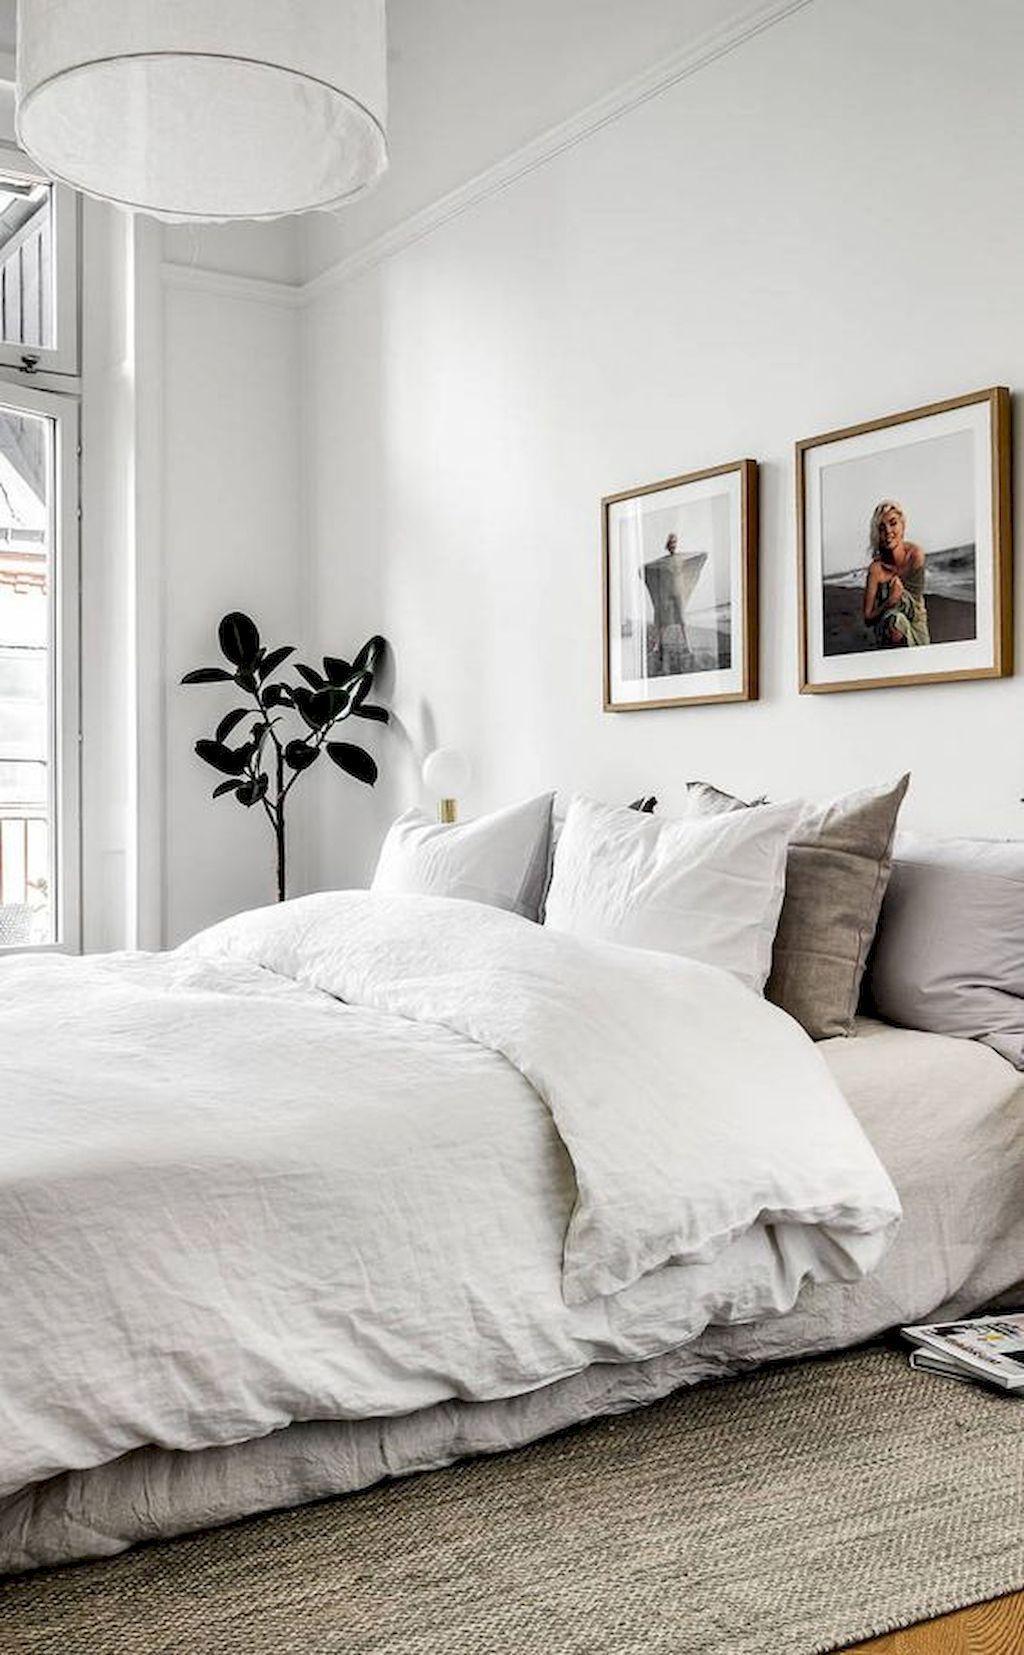 Latest bedroom interior design trends adorable  simple and elegance scandinavian bedroom designs trends